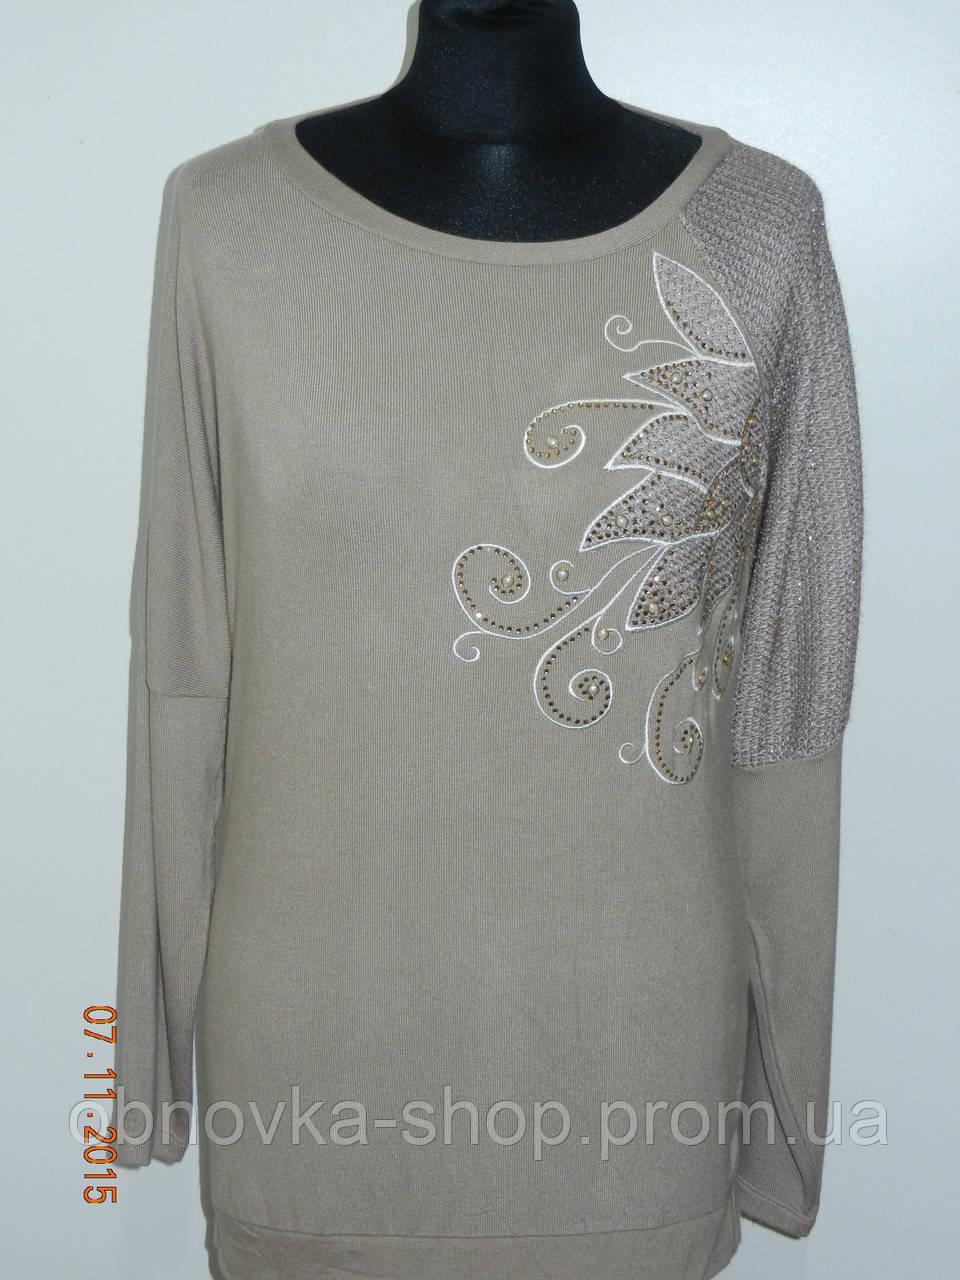 Тонкий свитер женский